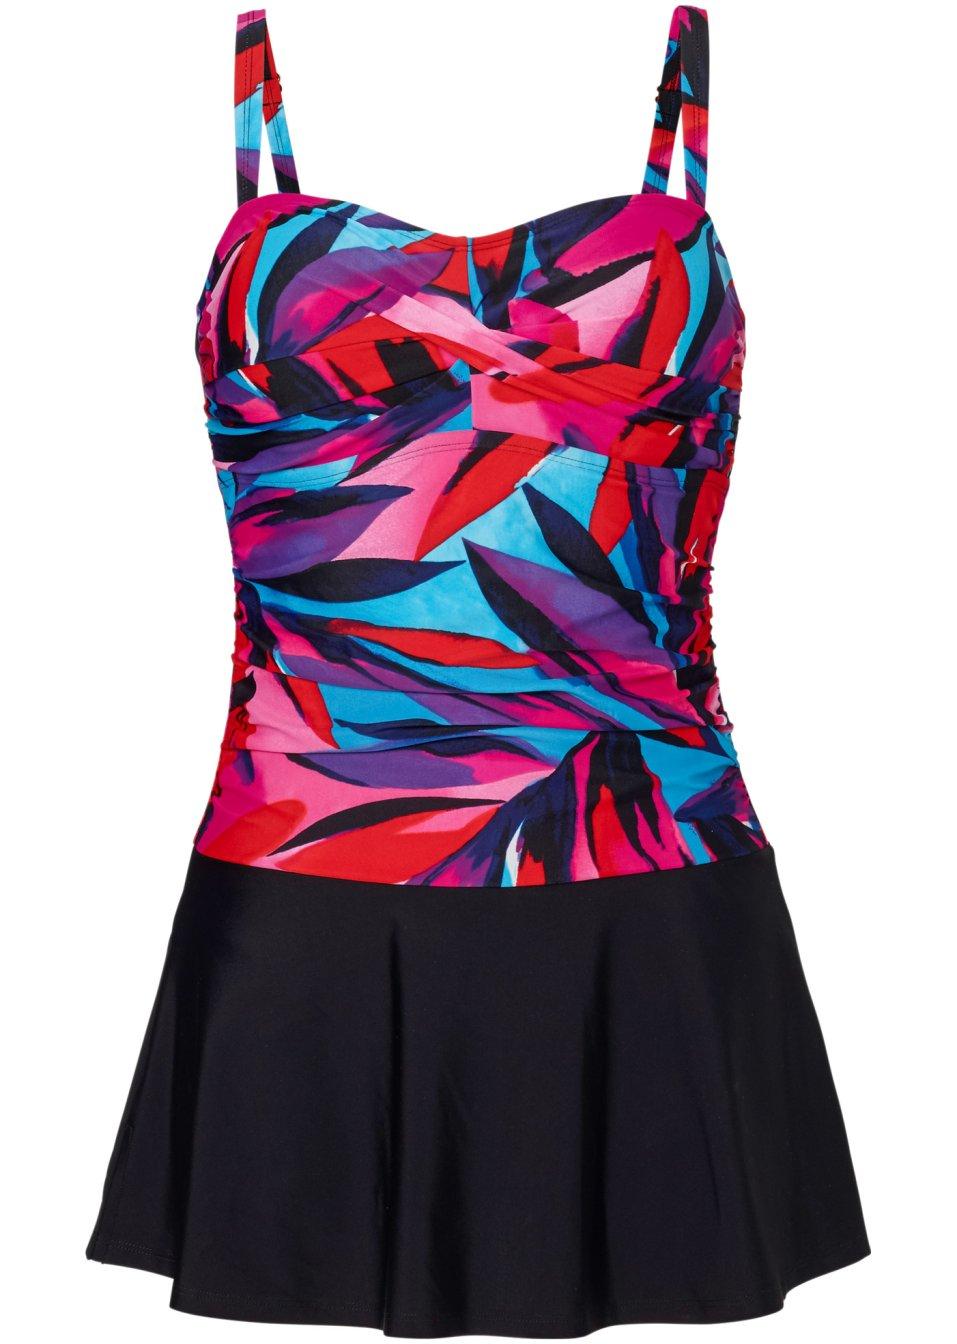 Ansprechendes Badekleid mit integriertem Innenslip - schwarz/pink F5bX6 kmK8l